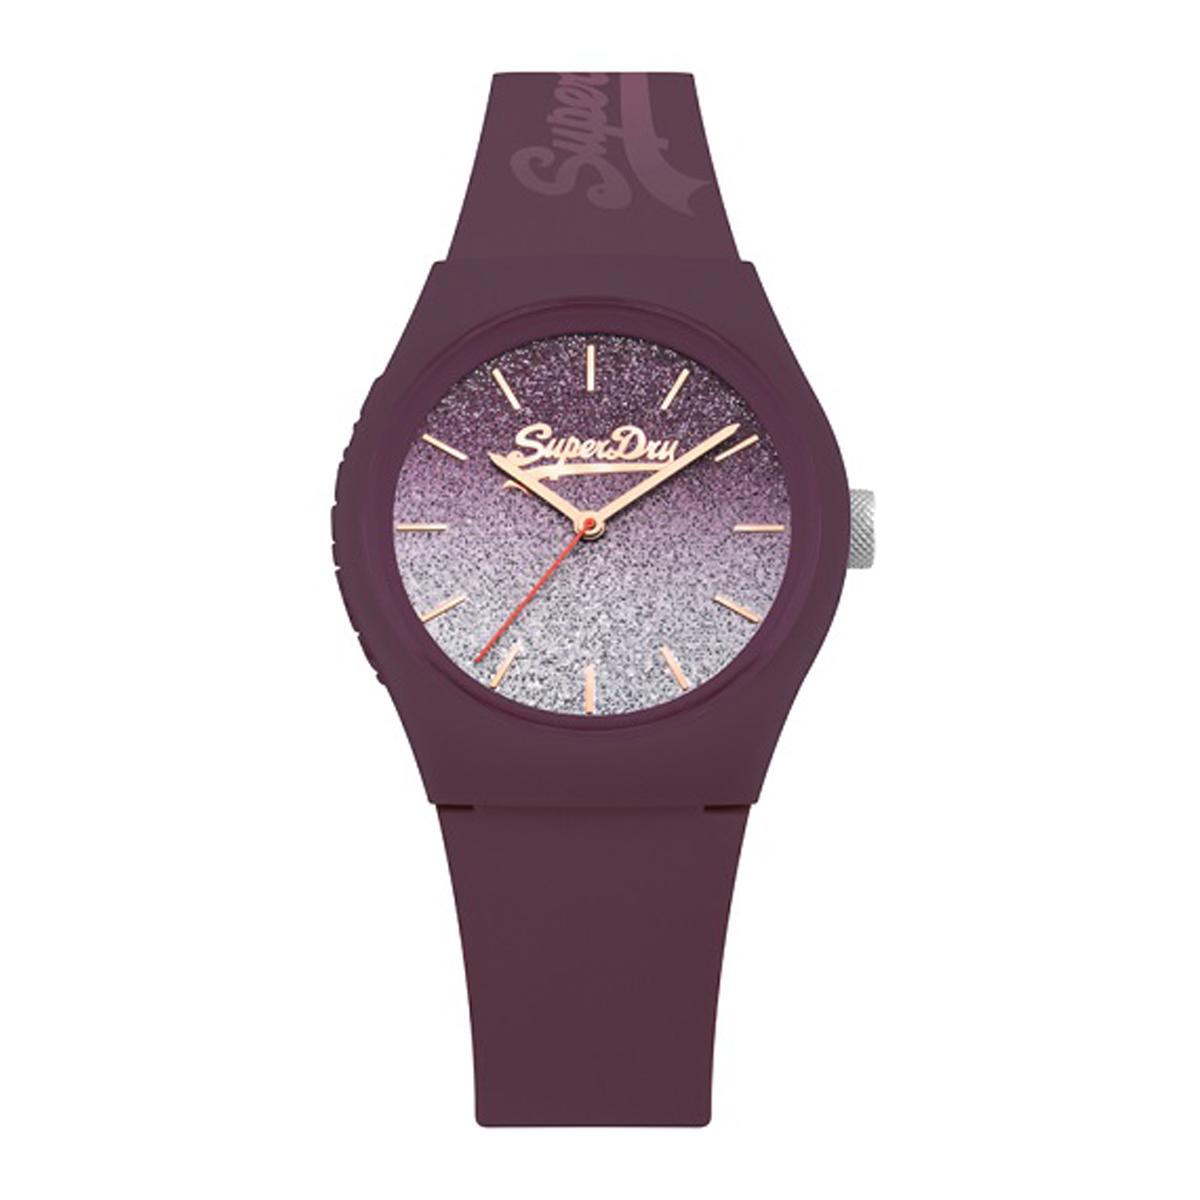 Montre silicone \'Superdry\' violet paillettes - 38 mm - [P9929]